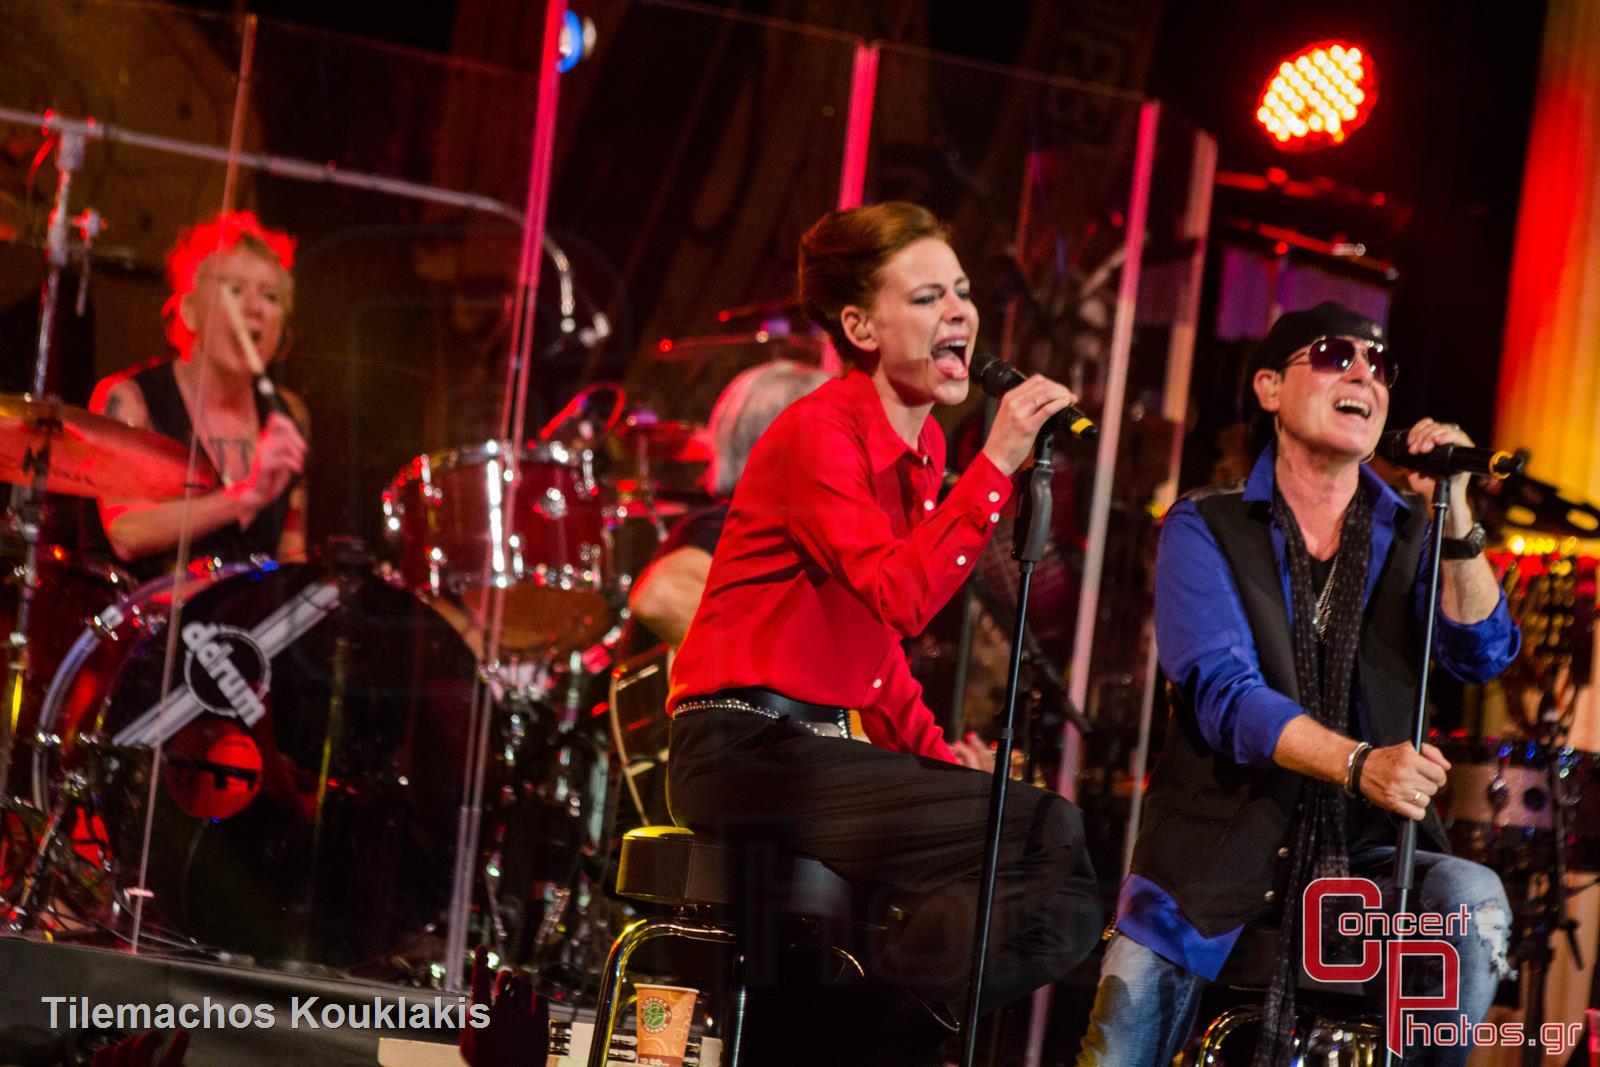 Scorpions-Scorpions photographer: Tilemachos Kouklakis - concertphotos_-6734